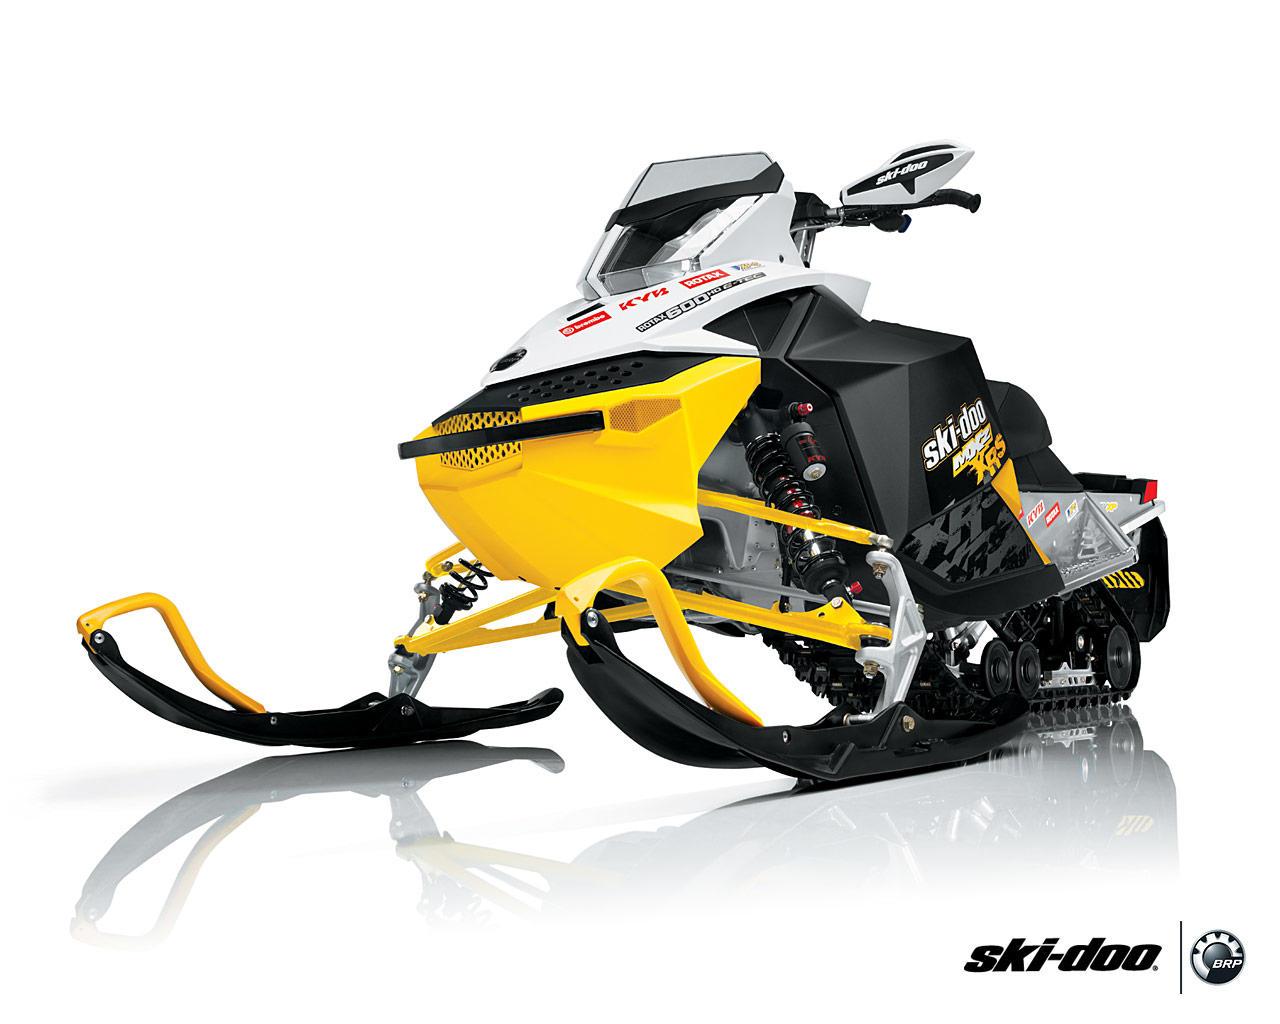 P-Dog Snowmobile Rental and Repair, Inc. image 7